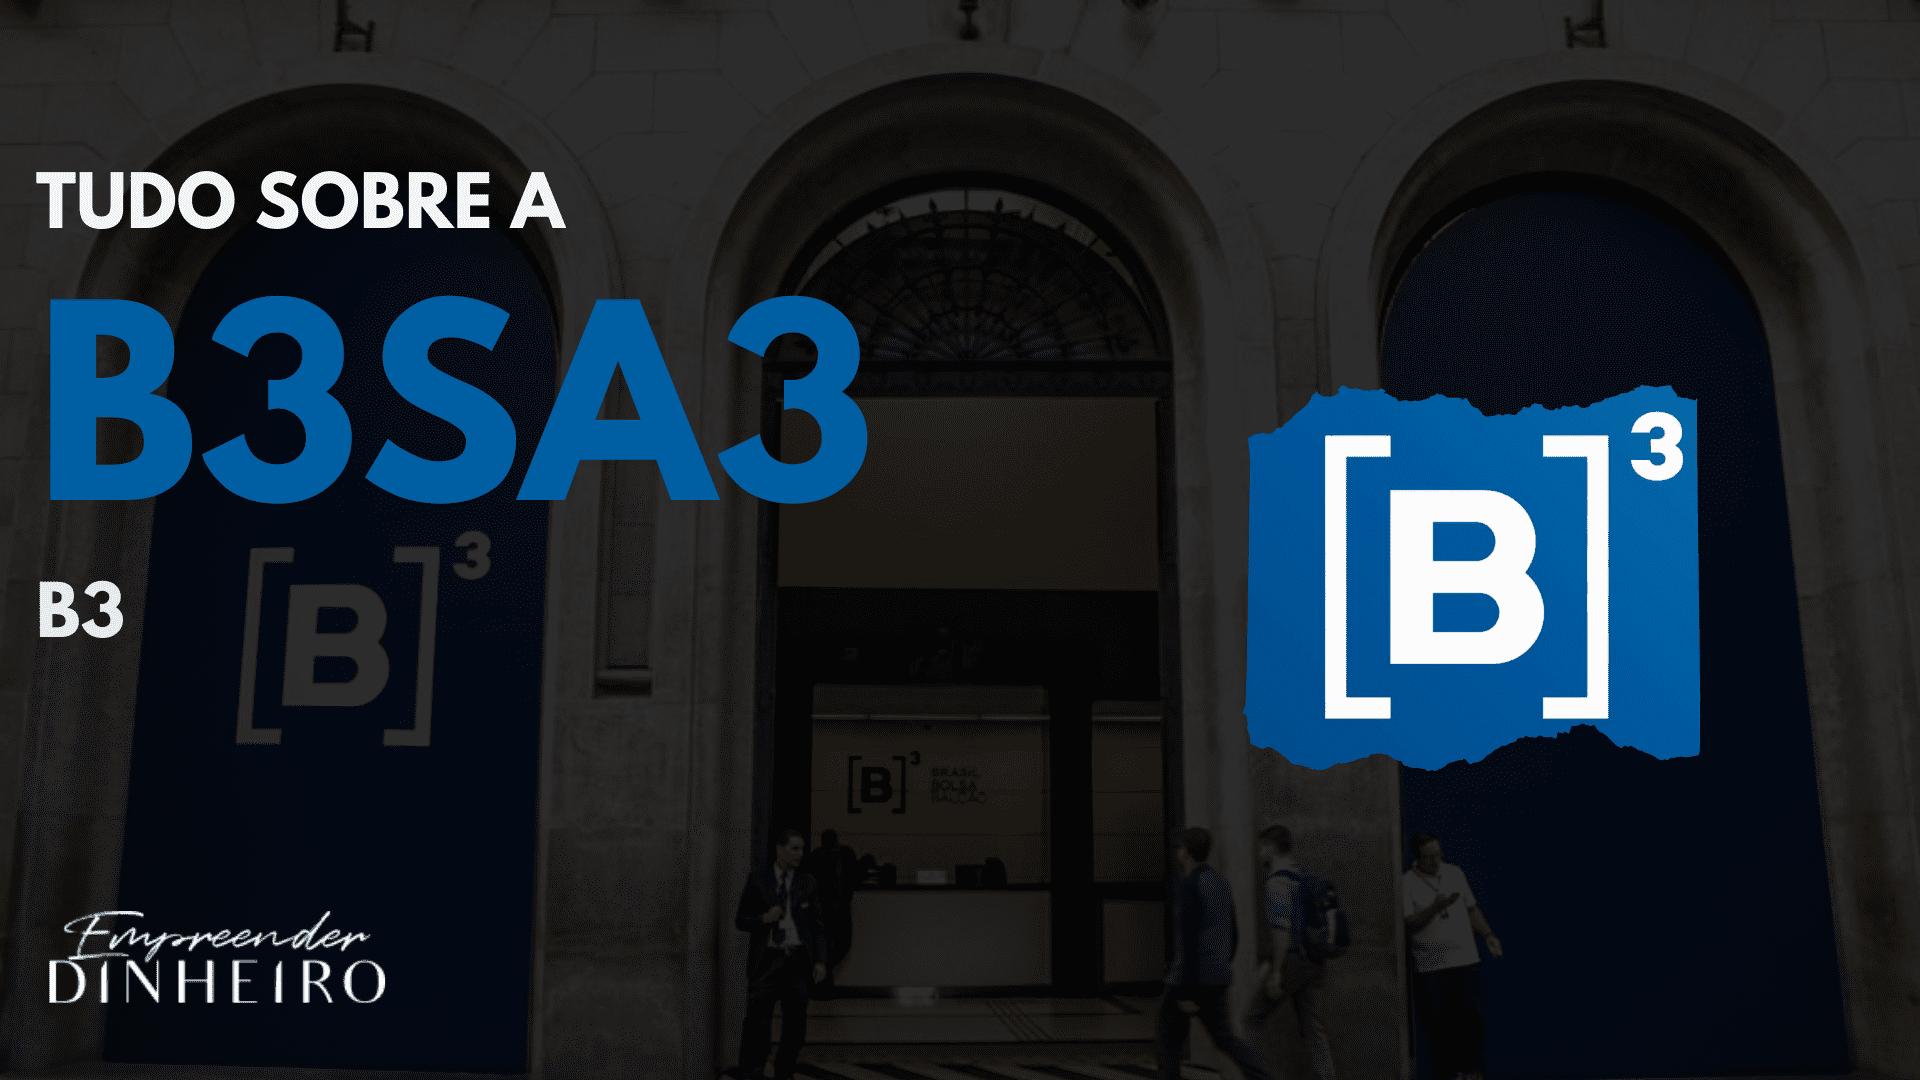 investir na b3 ações da b3 b3sa3